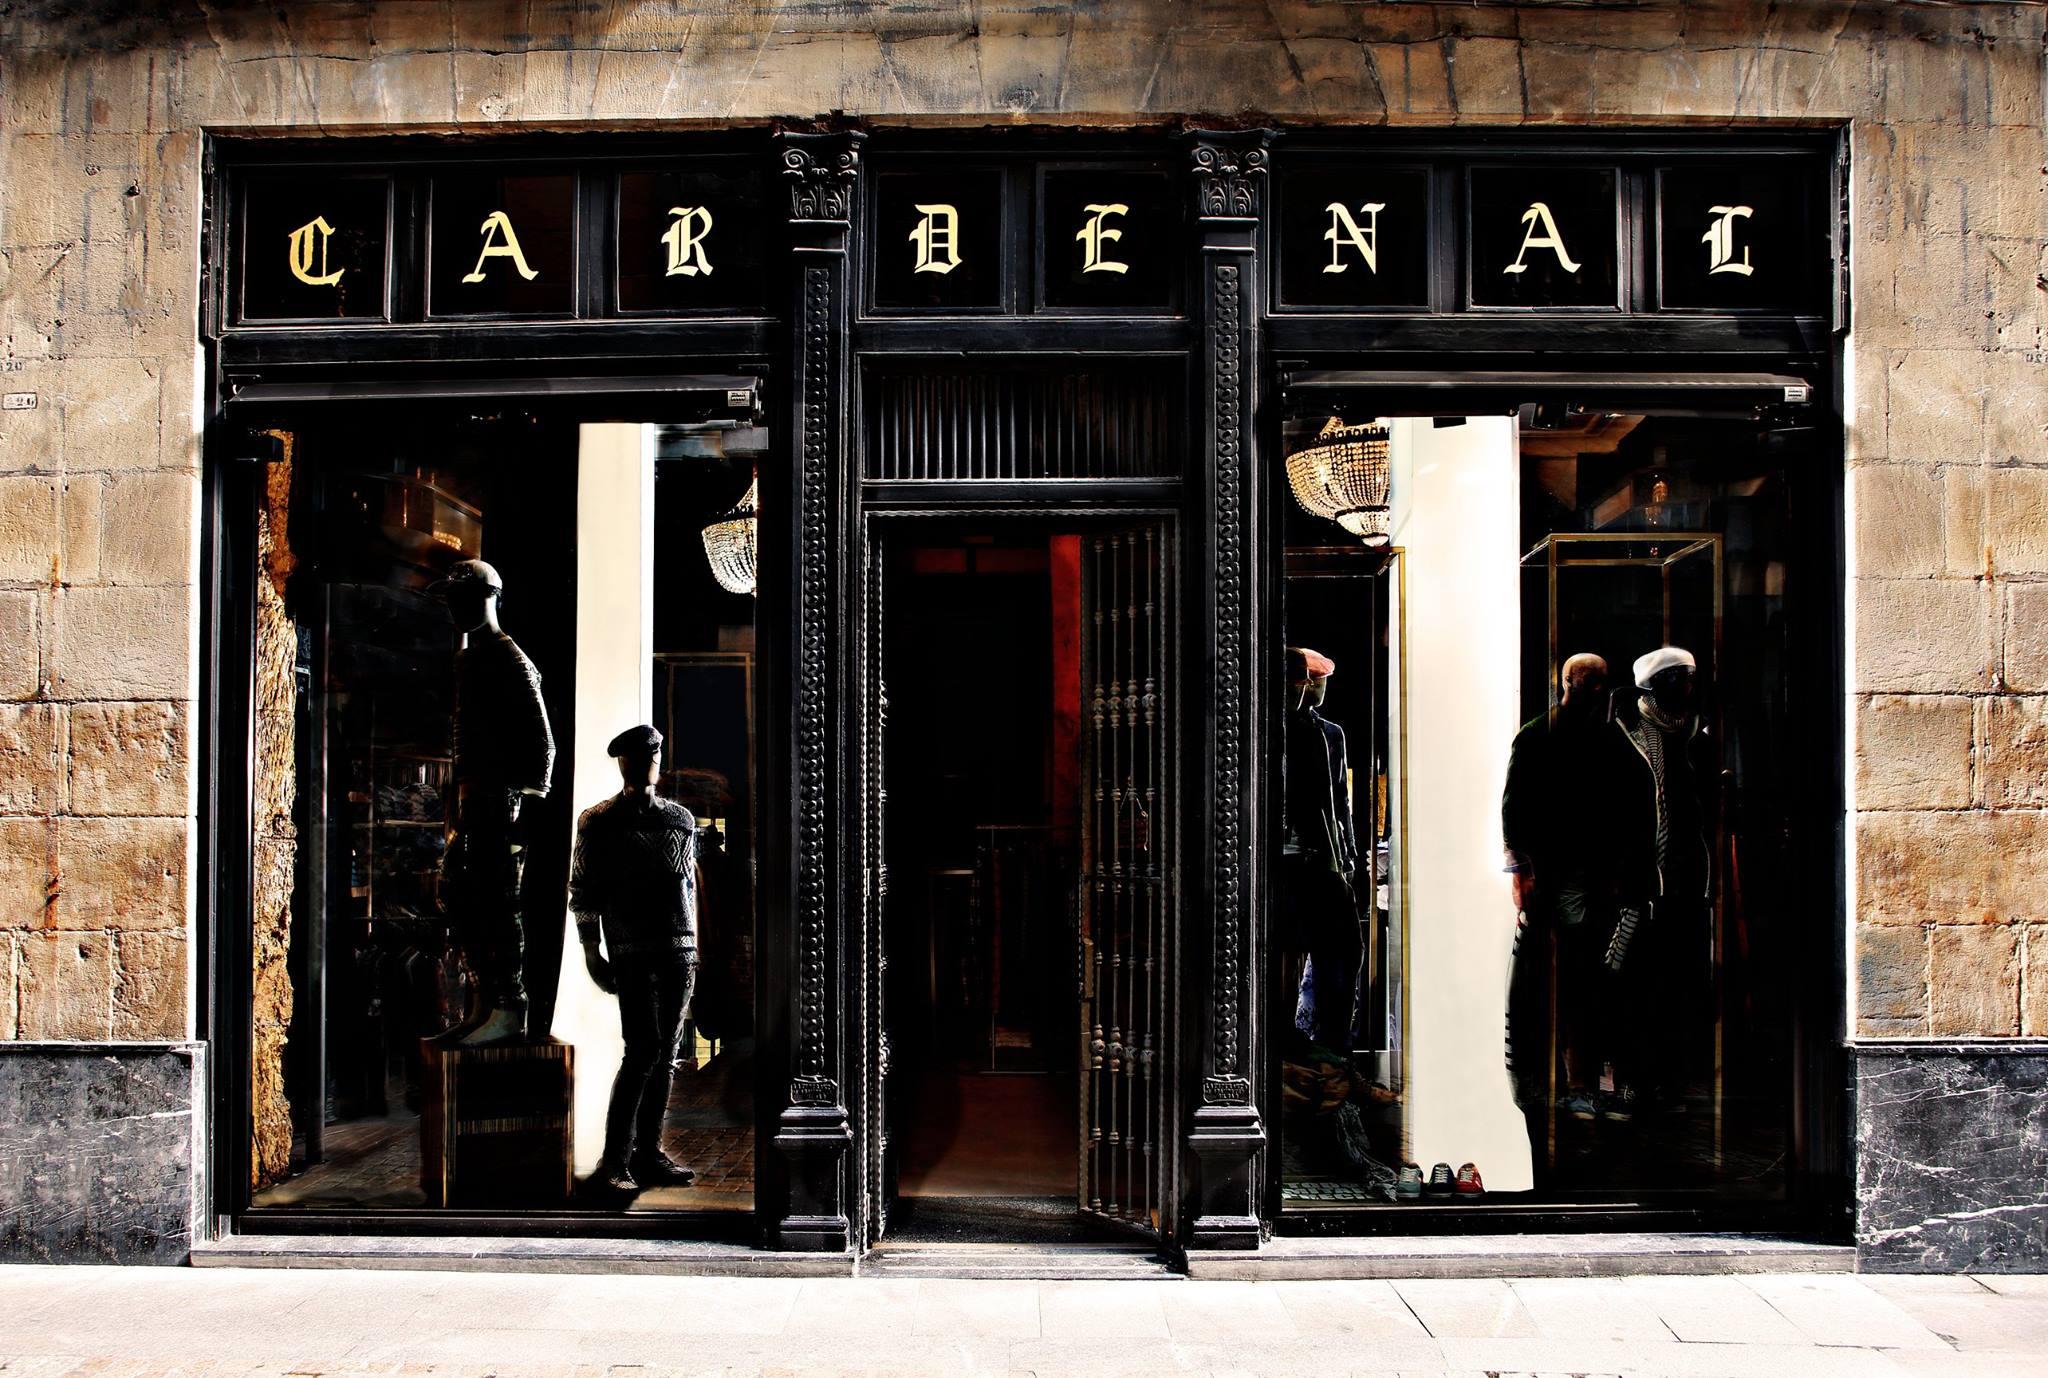 CARDENAL BILBAO Ropa Hombre Fashion Men Escaparates (3)